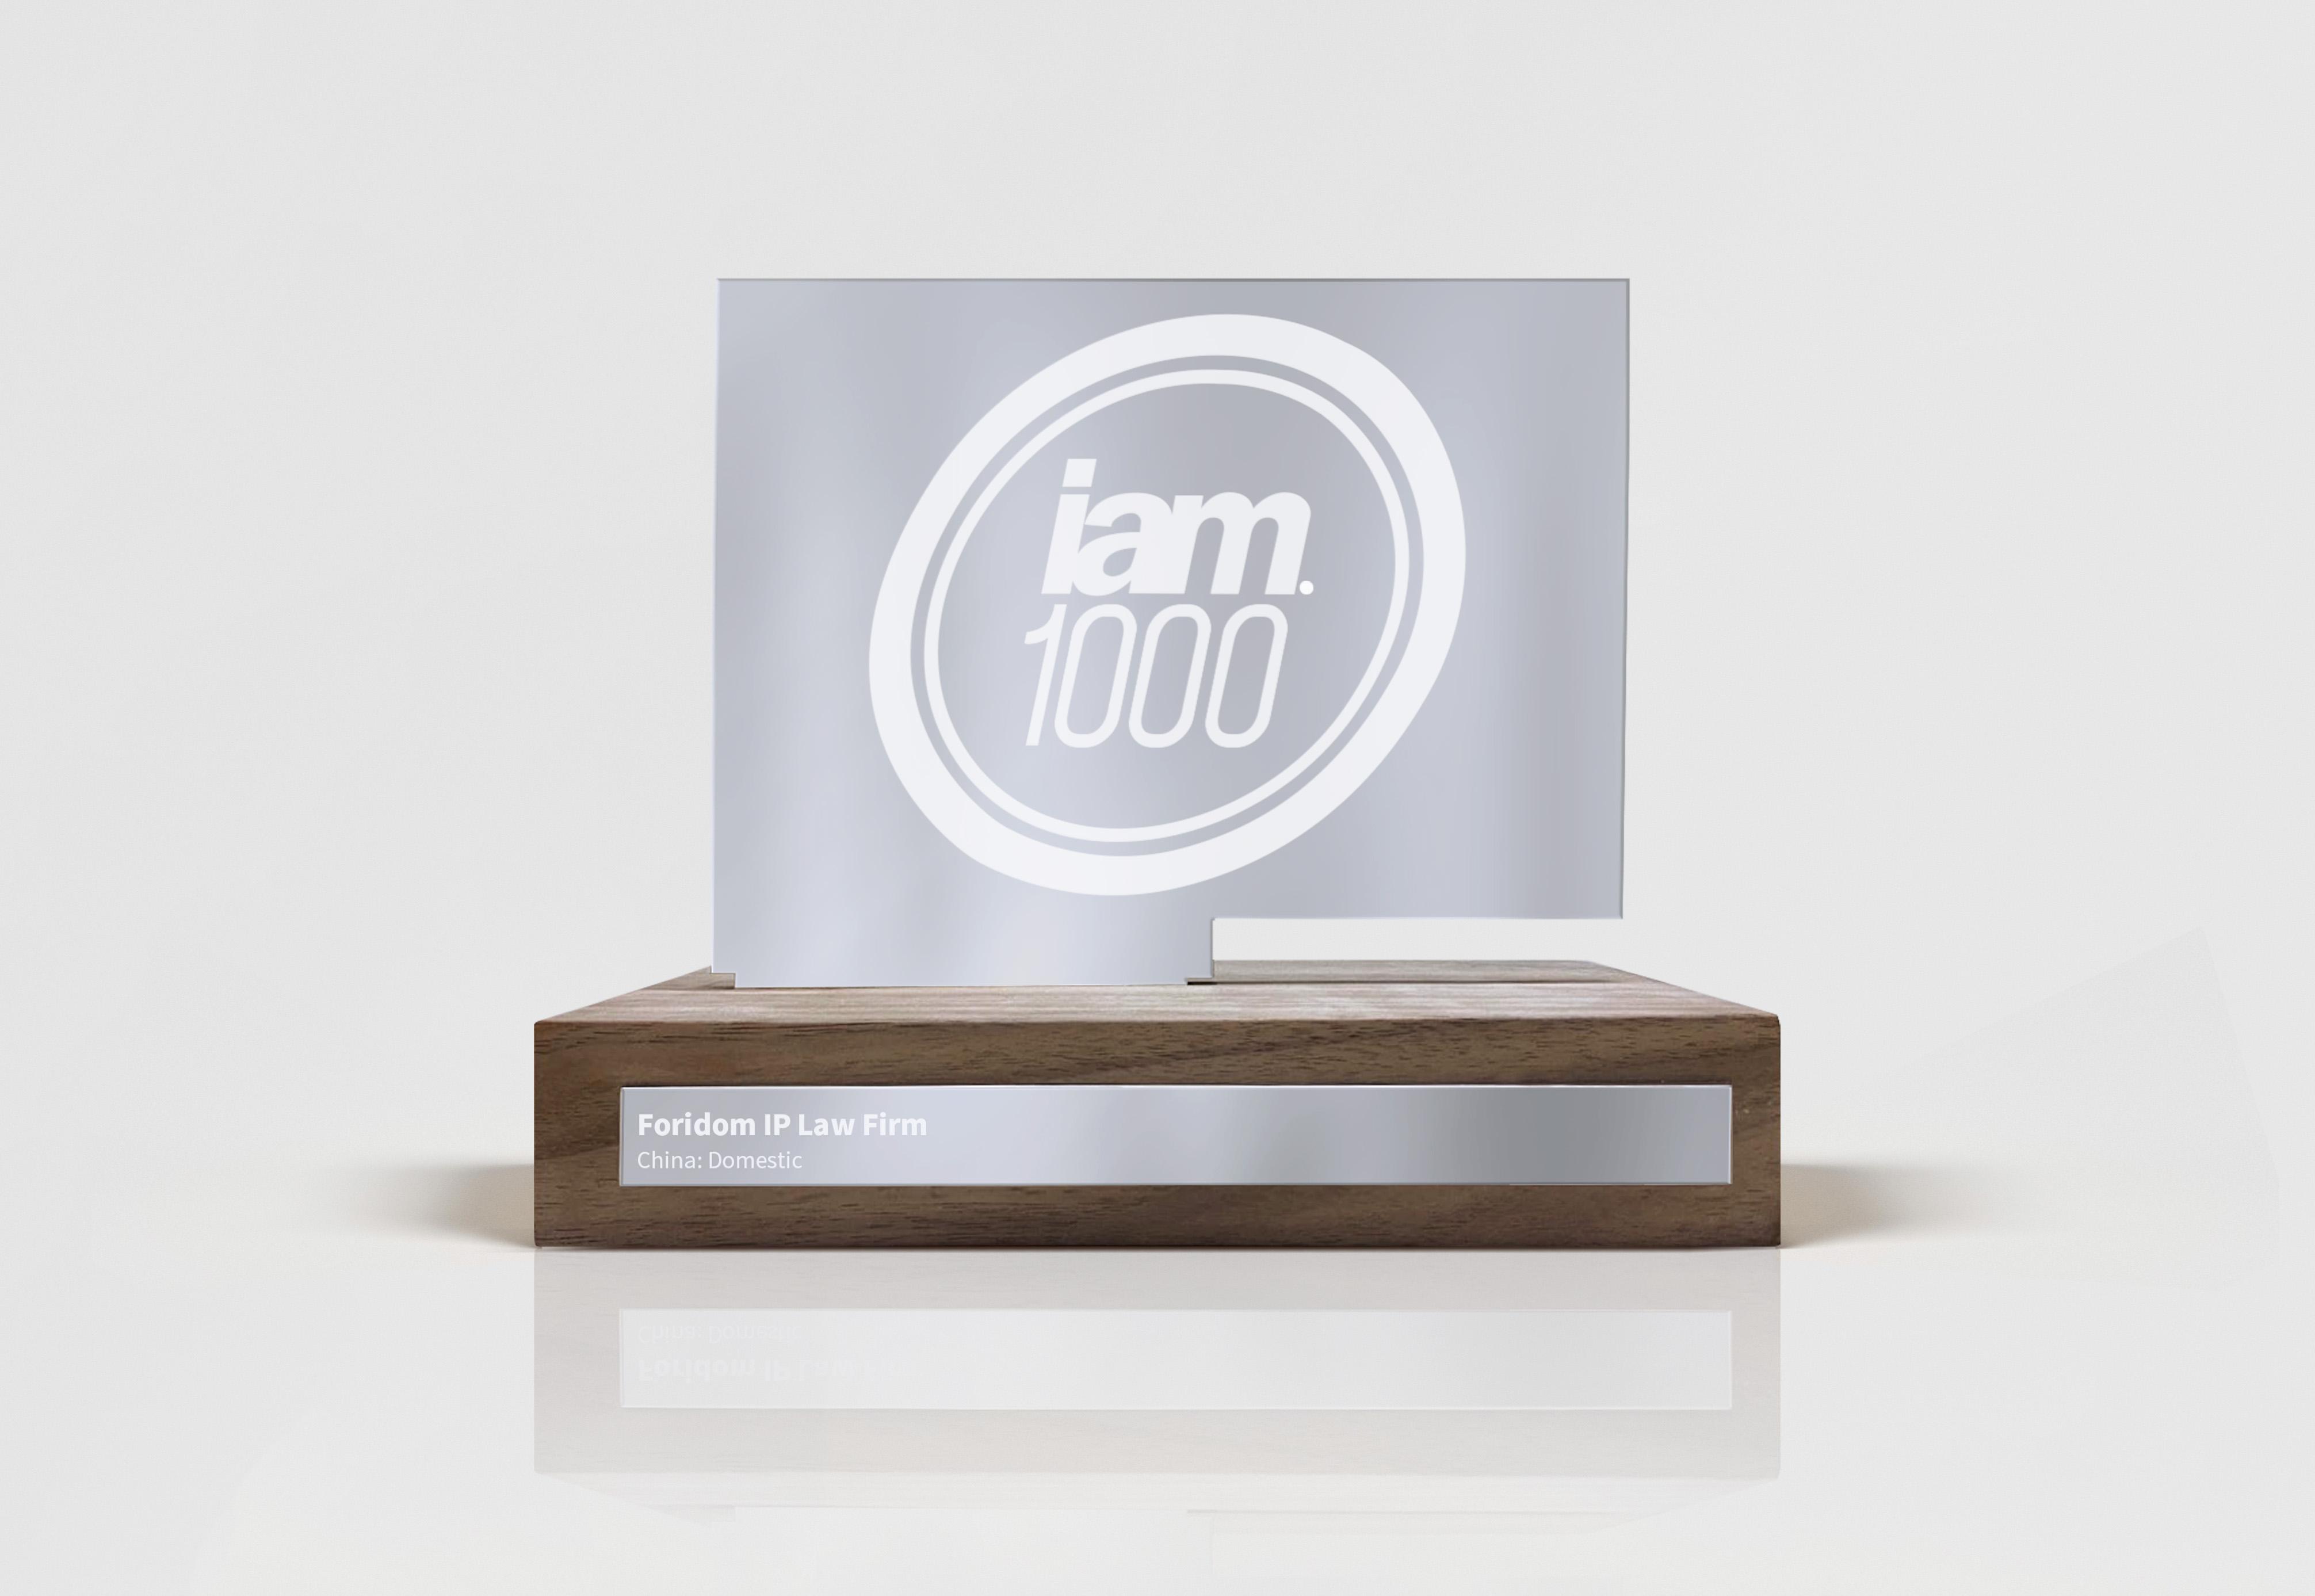 2020年IAM全球专利1000强